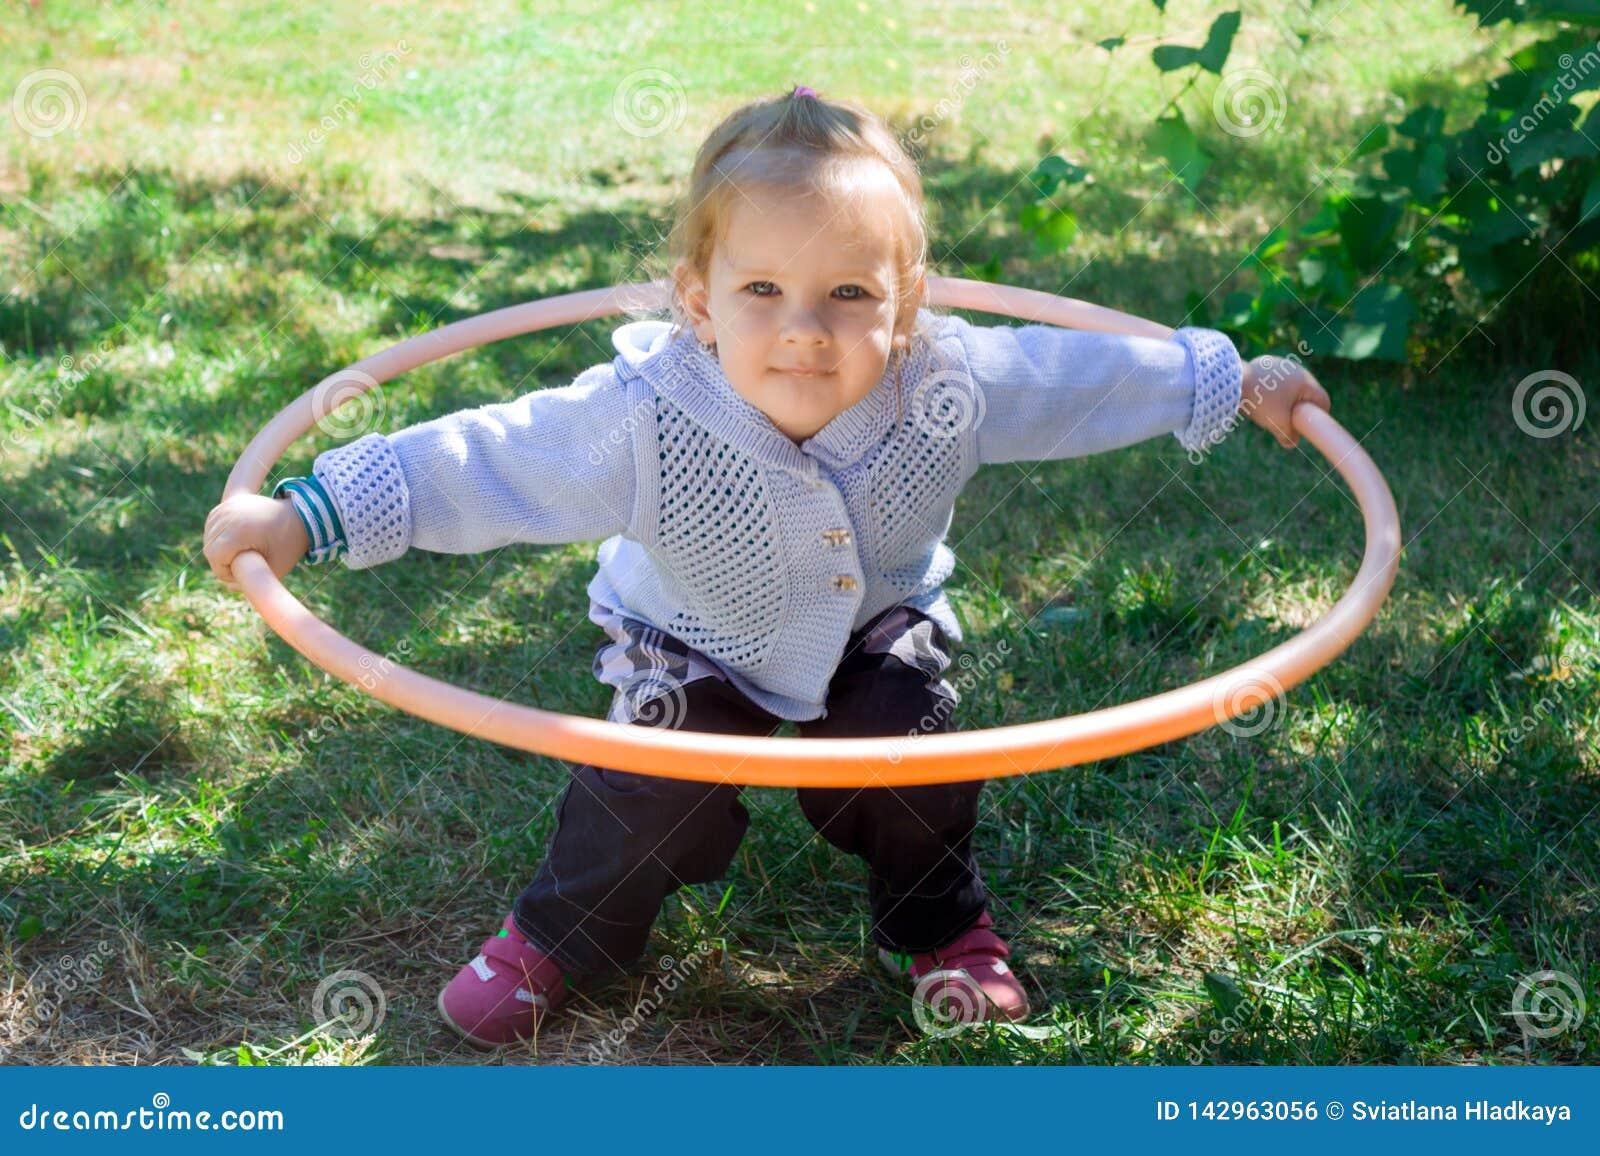 Piccolo neonata impara occuparsi di hulahup Il bambino tiene il cerchio con due mani